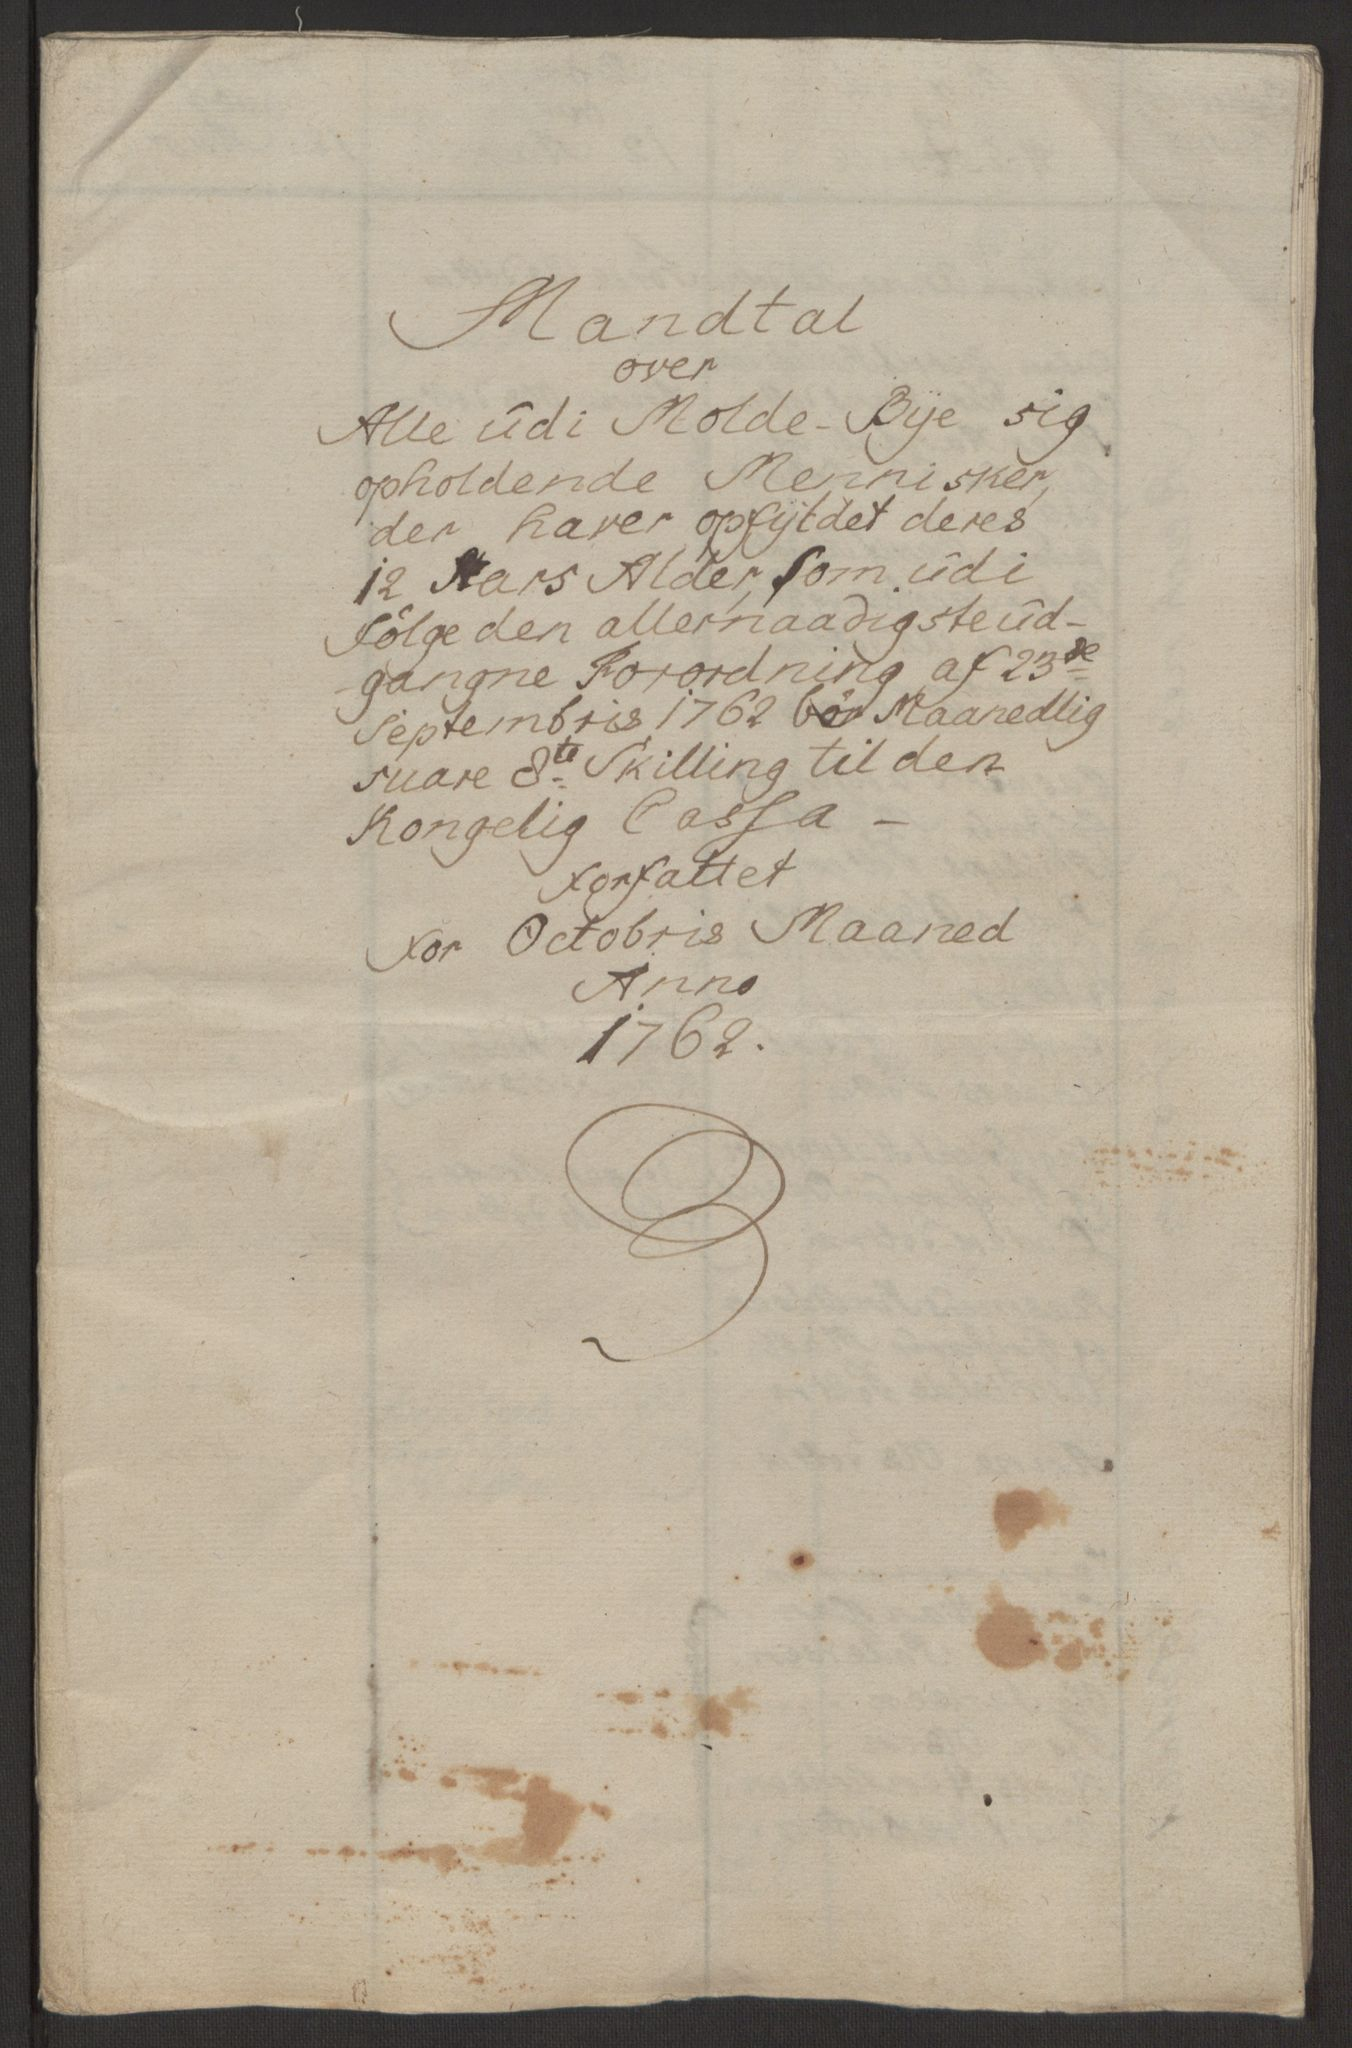 RA, Rentekammeret inntil 1814, Reviderte regnskaper, Byregnskaper, R/Rq/L0487: [Q1] Kontribusjonsregnskap, 1762-1772, s. 10